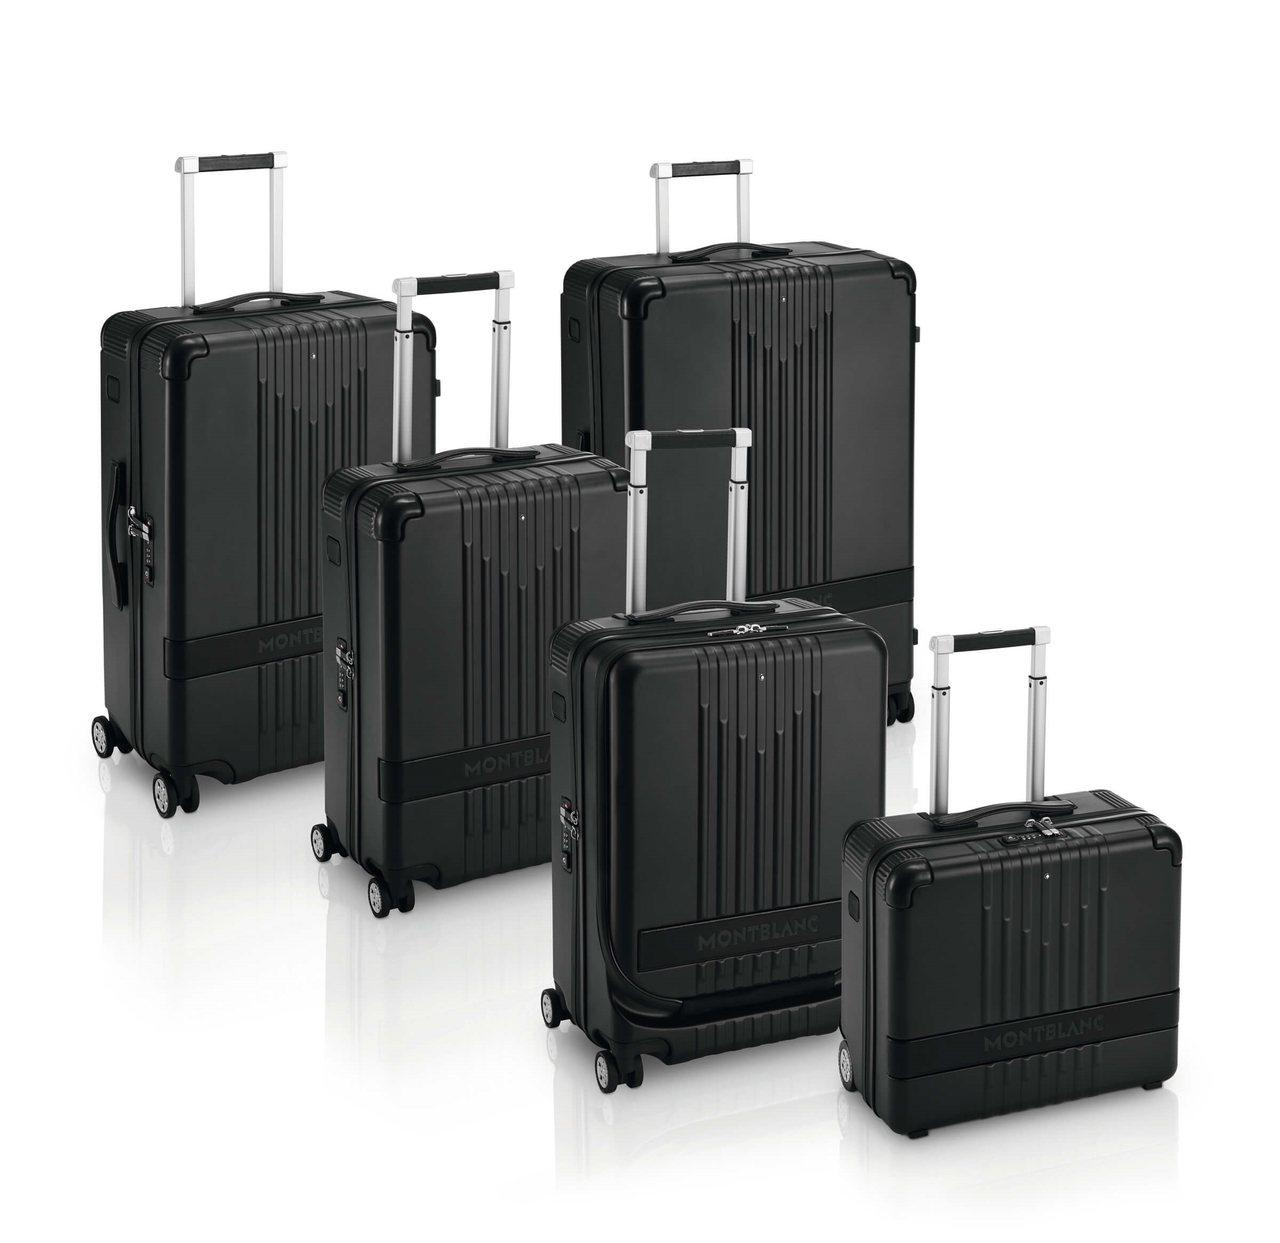 萬寶龍#MY4810系列行李箱,21,700元起。圖/Montblanc提供